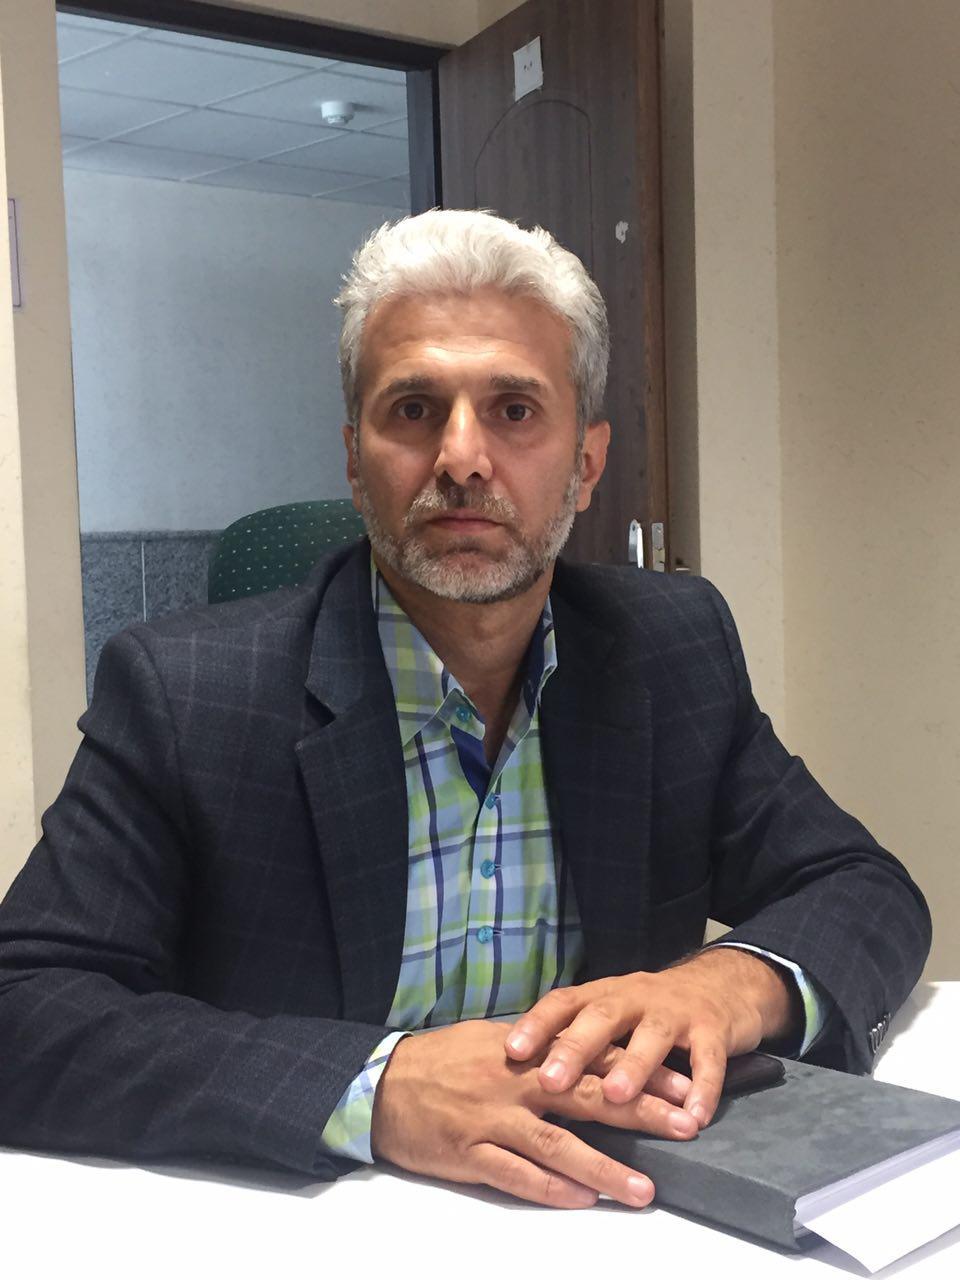 مدیرعامل جدید باشگاه «مقاومت البرز» انتخاب شد/ آماده سازی تیم فوتسال مقاومت البرز برای حضور در لیگ برتر